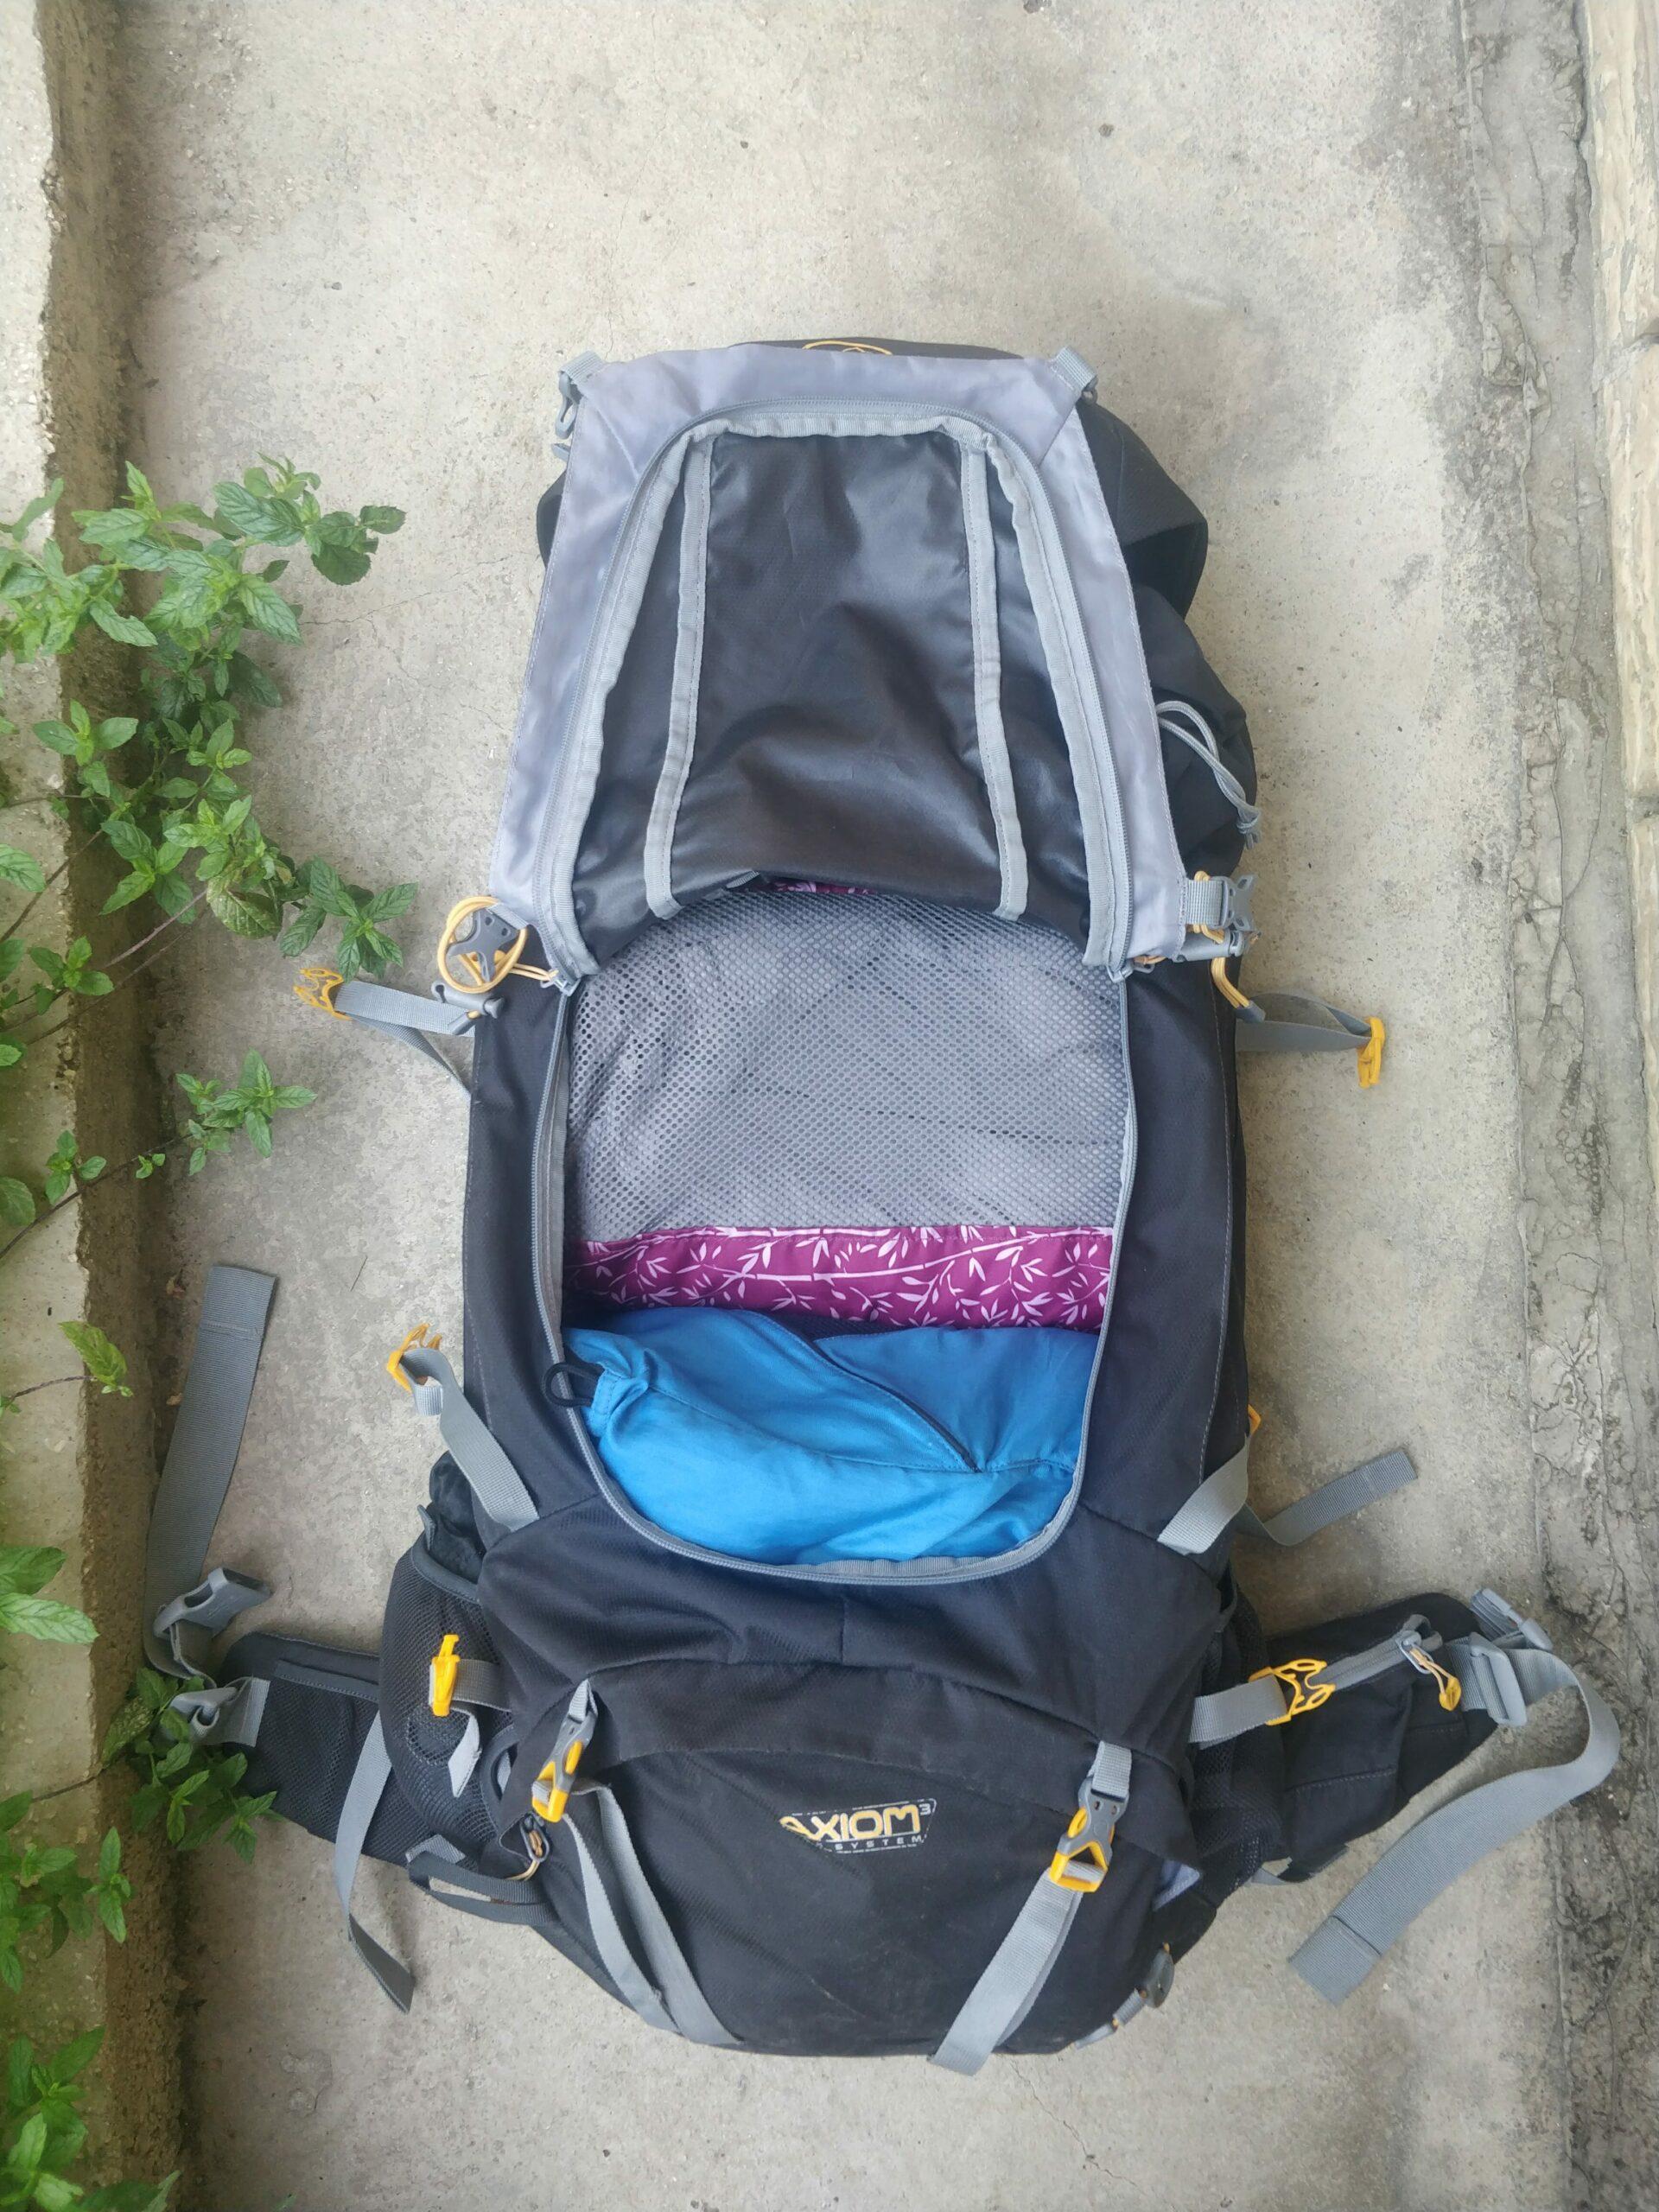 Lowe Alpine Diran Backpack Review